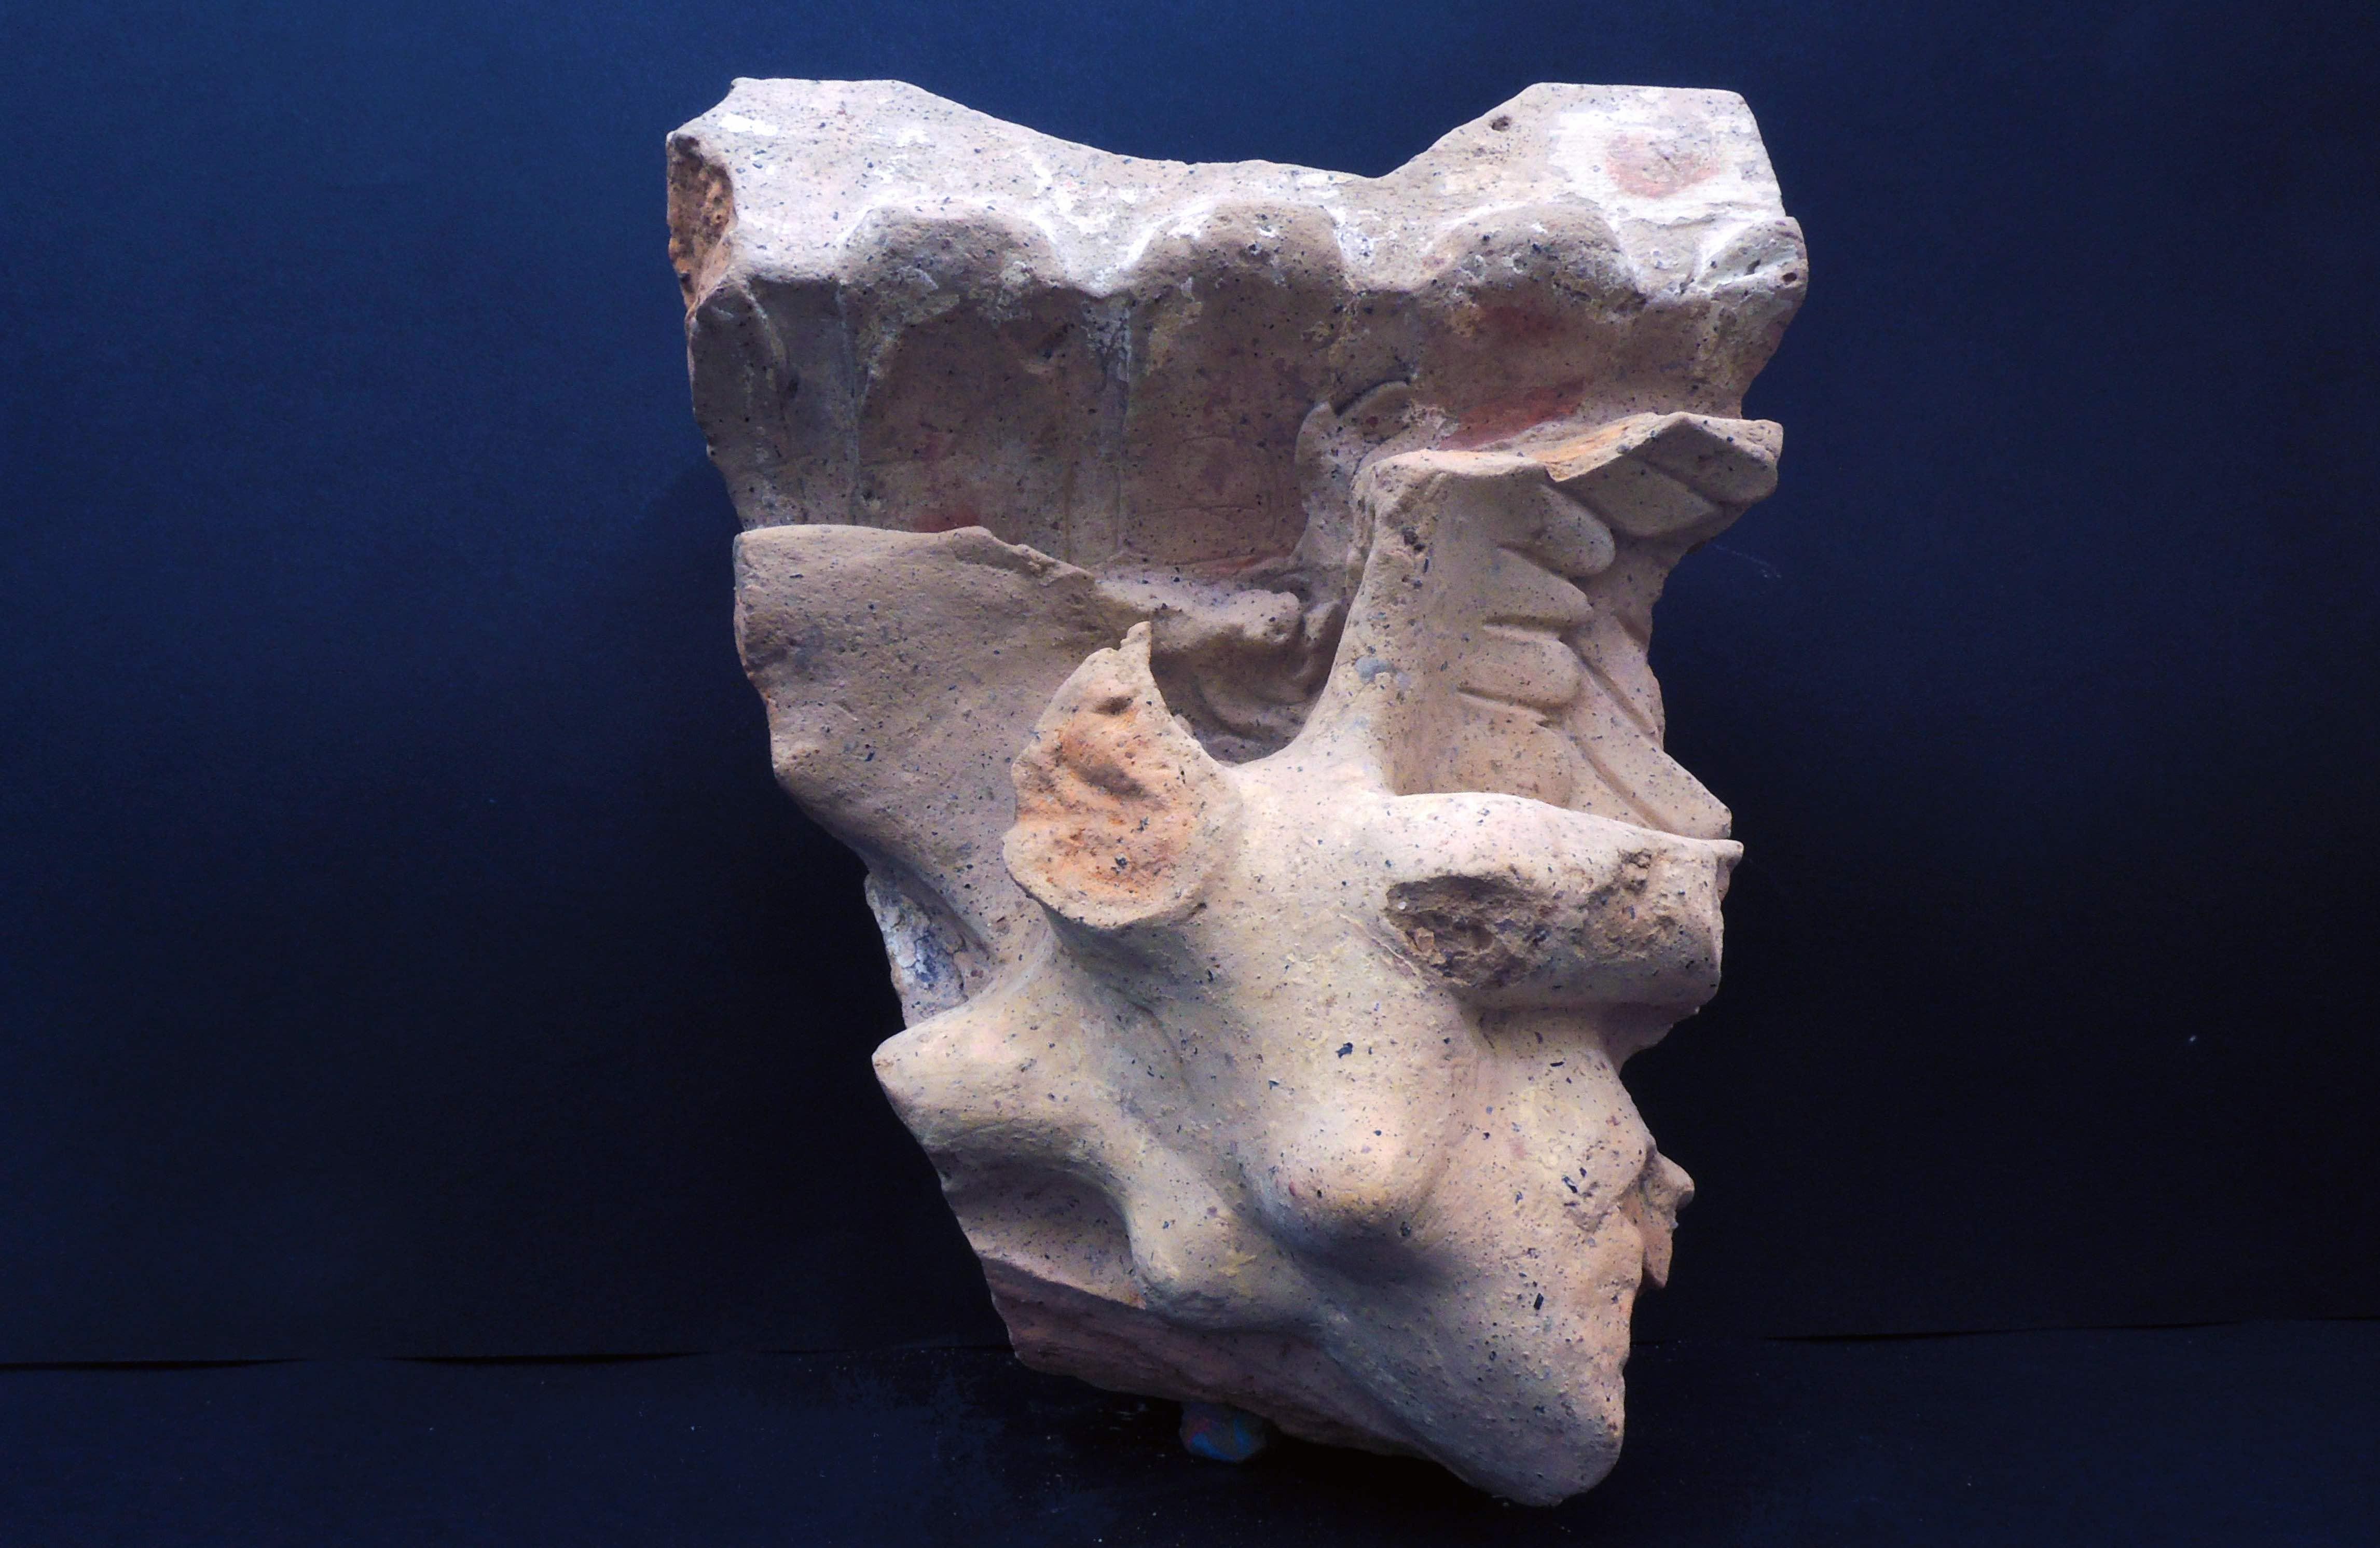 Detalhe da construção indica a presença de um recinto sagrado (Foto: S OPRINTENDENZA SPECIALE DI ROMA)